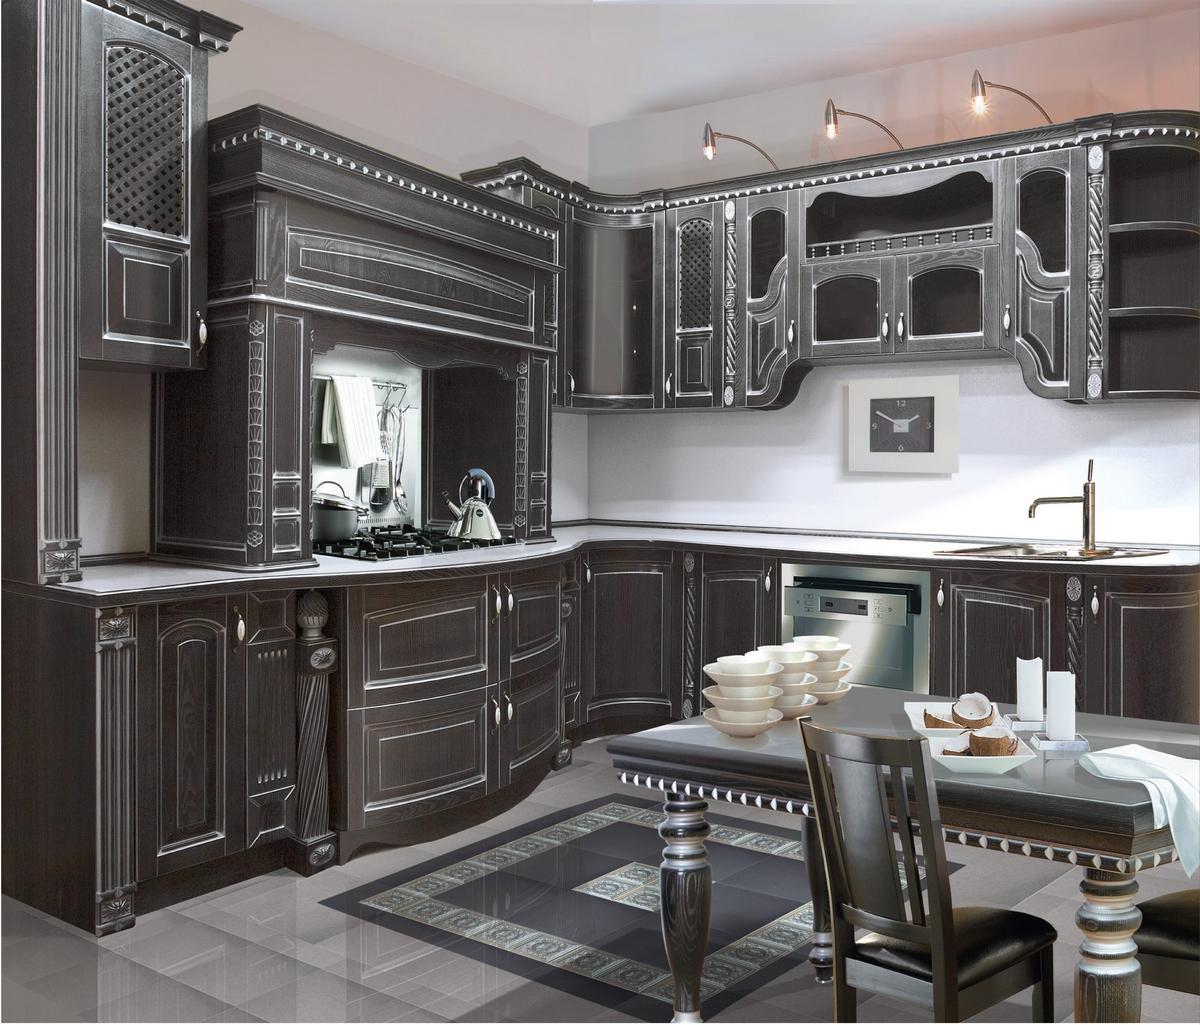 Кухня классическая черная с патиной